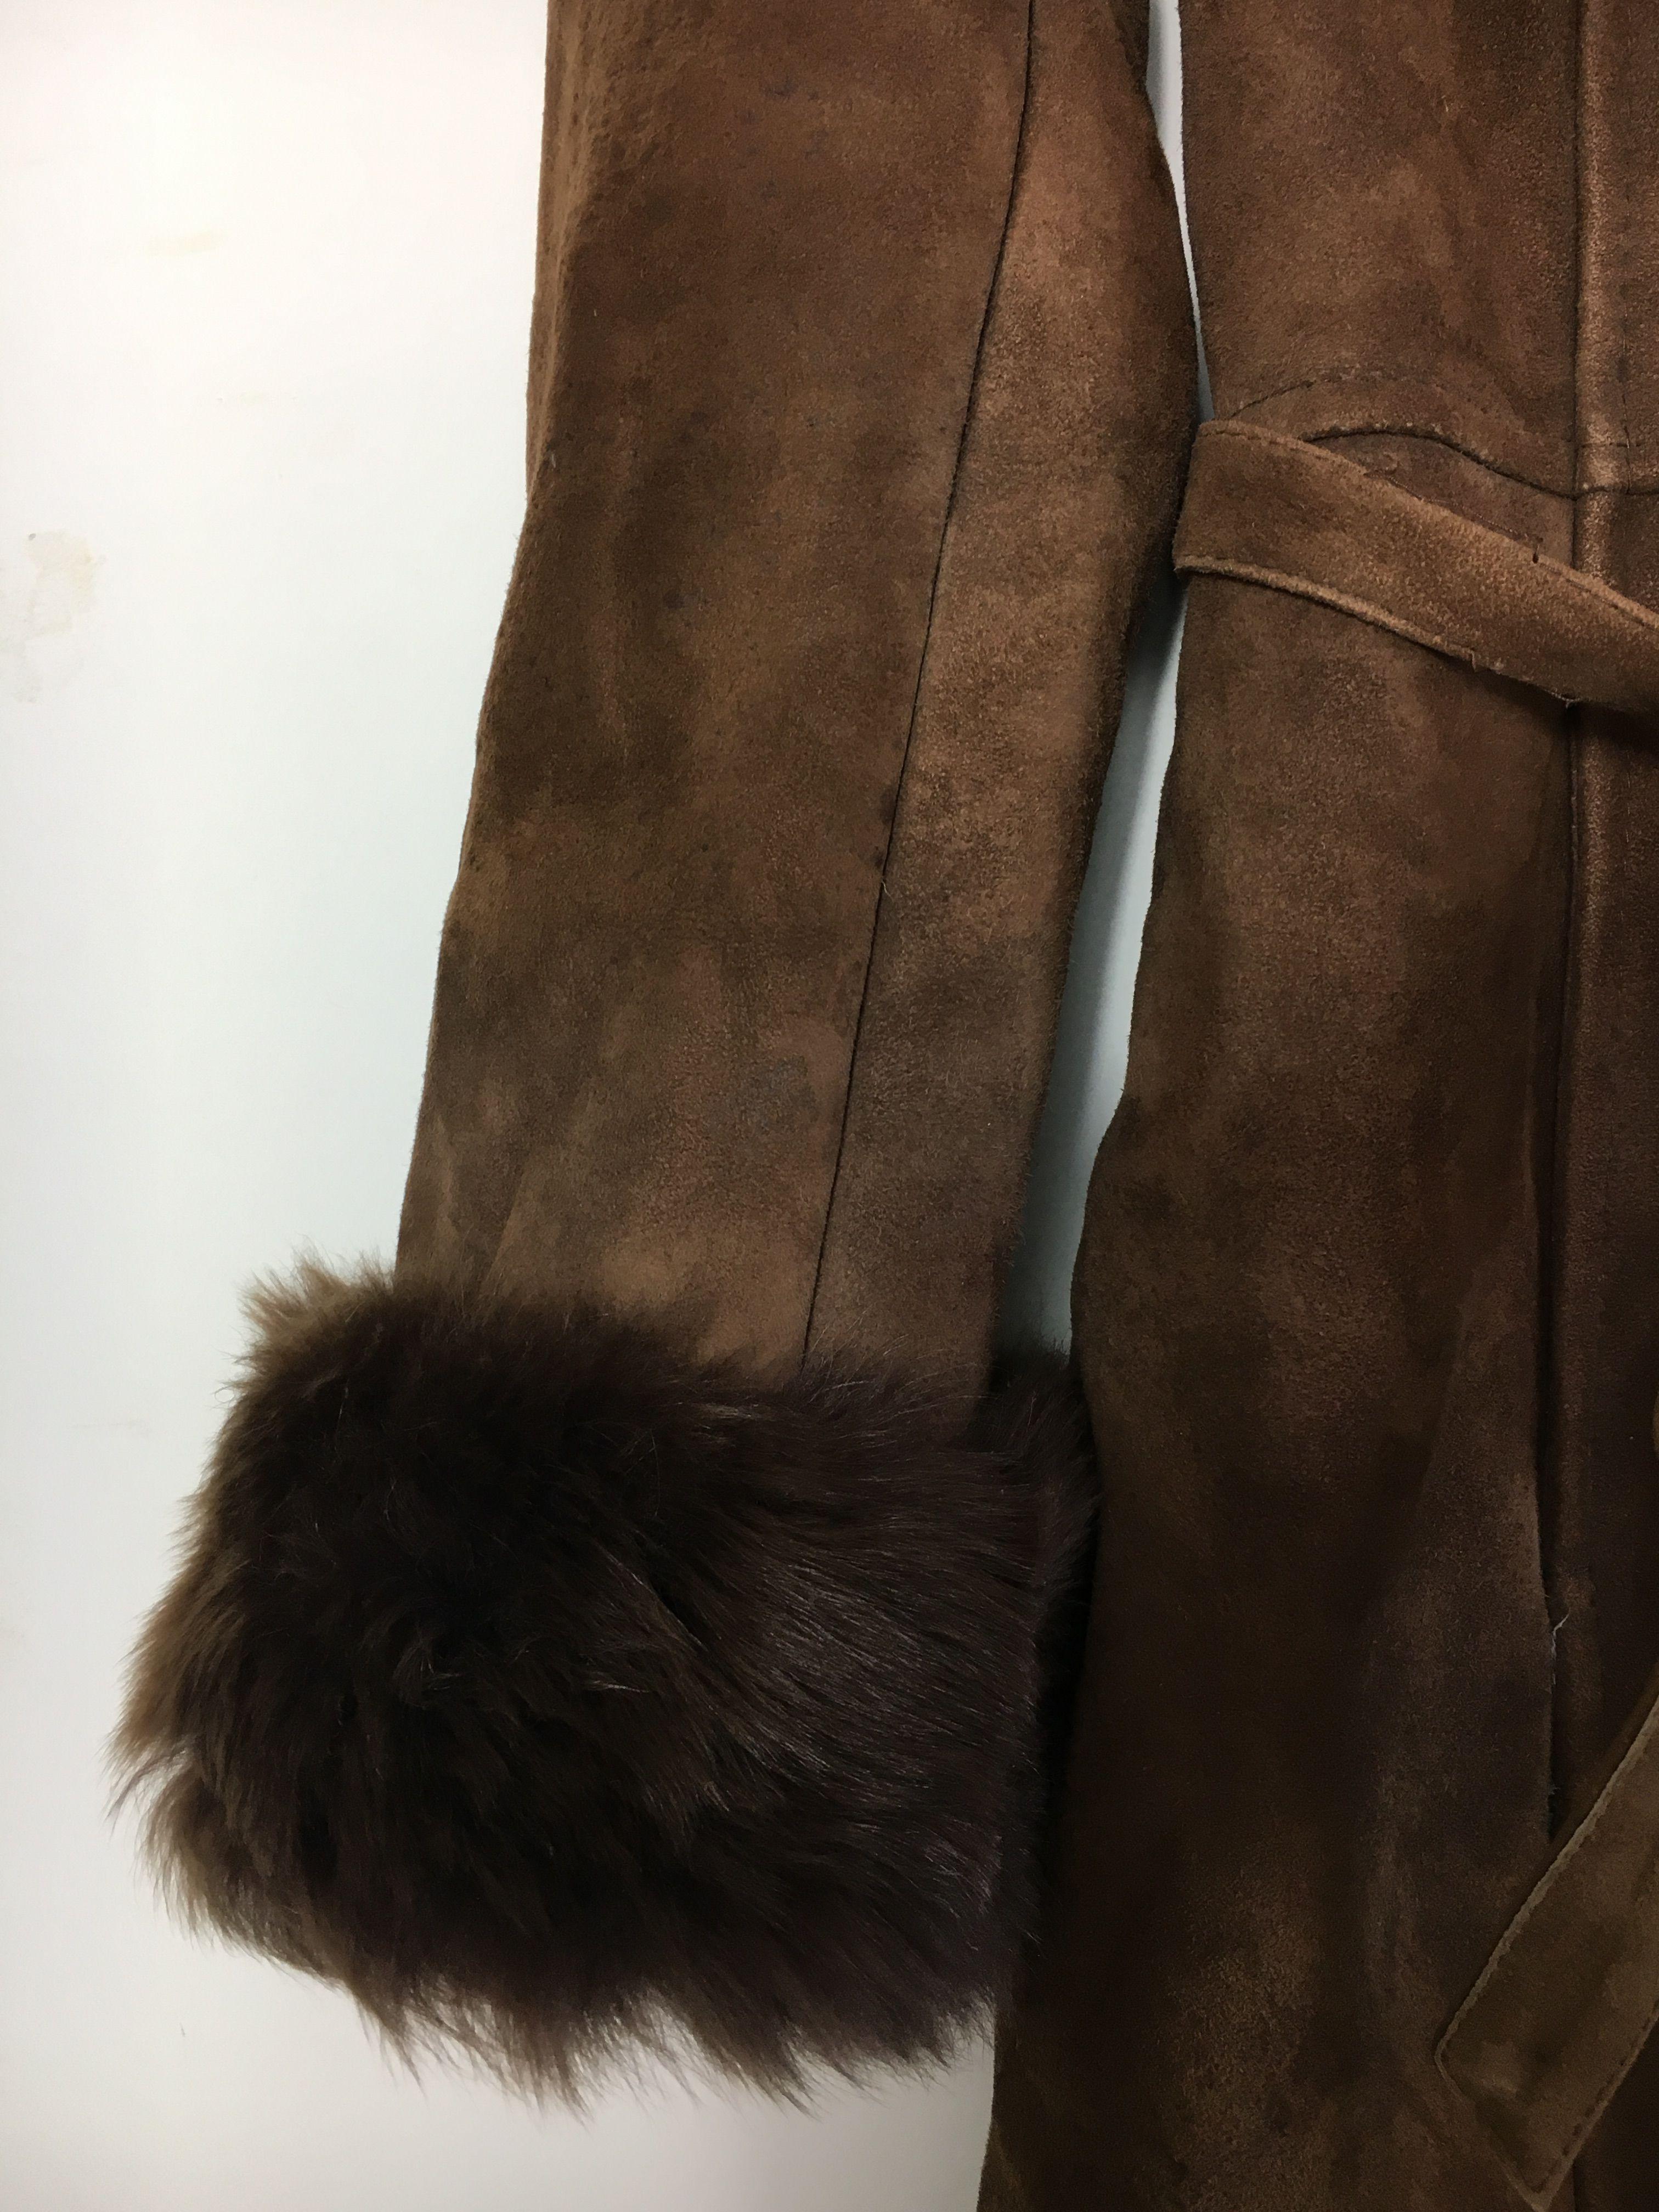 Manteaux - Manteau peau lainée et fourrure